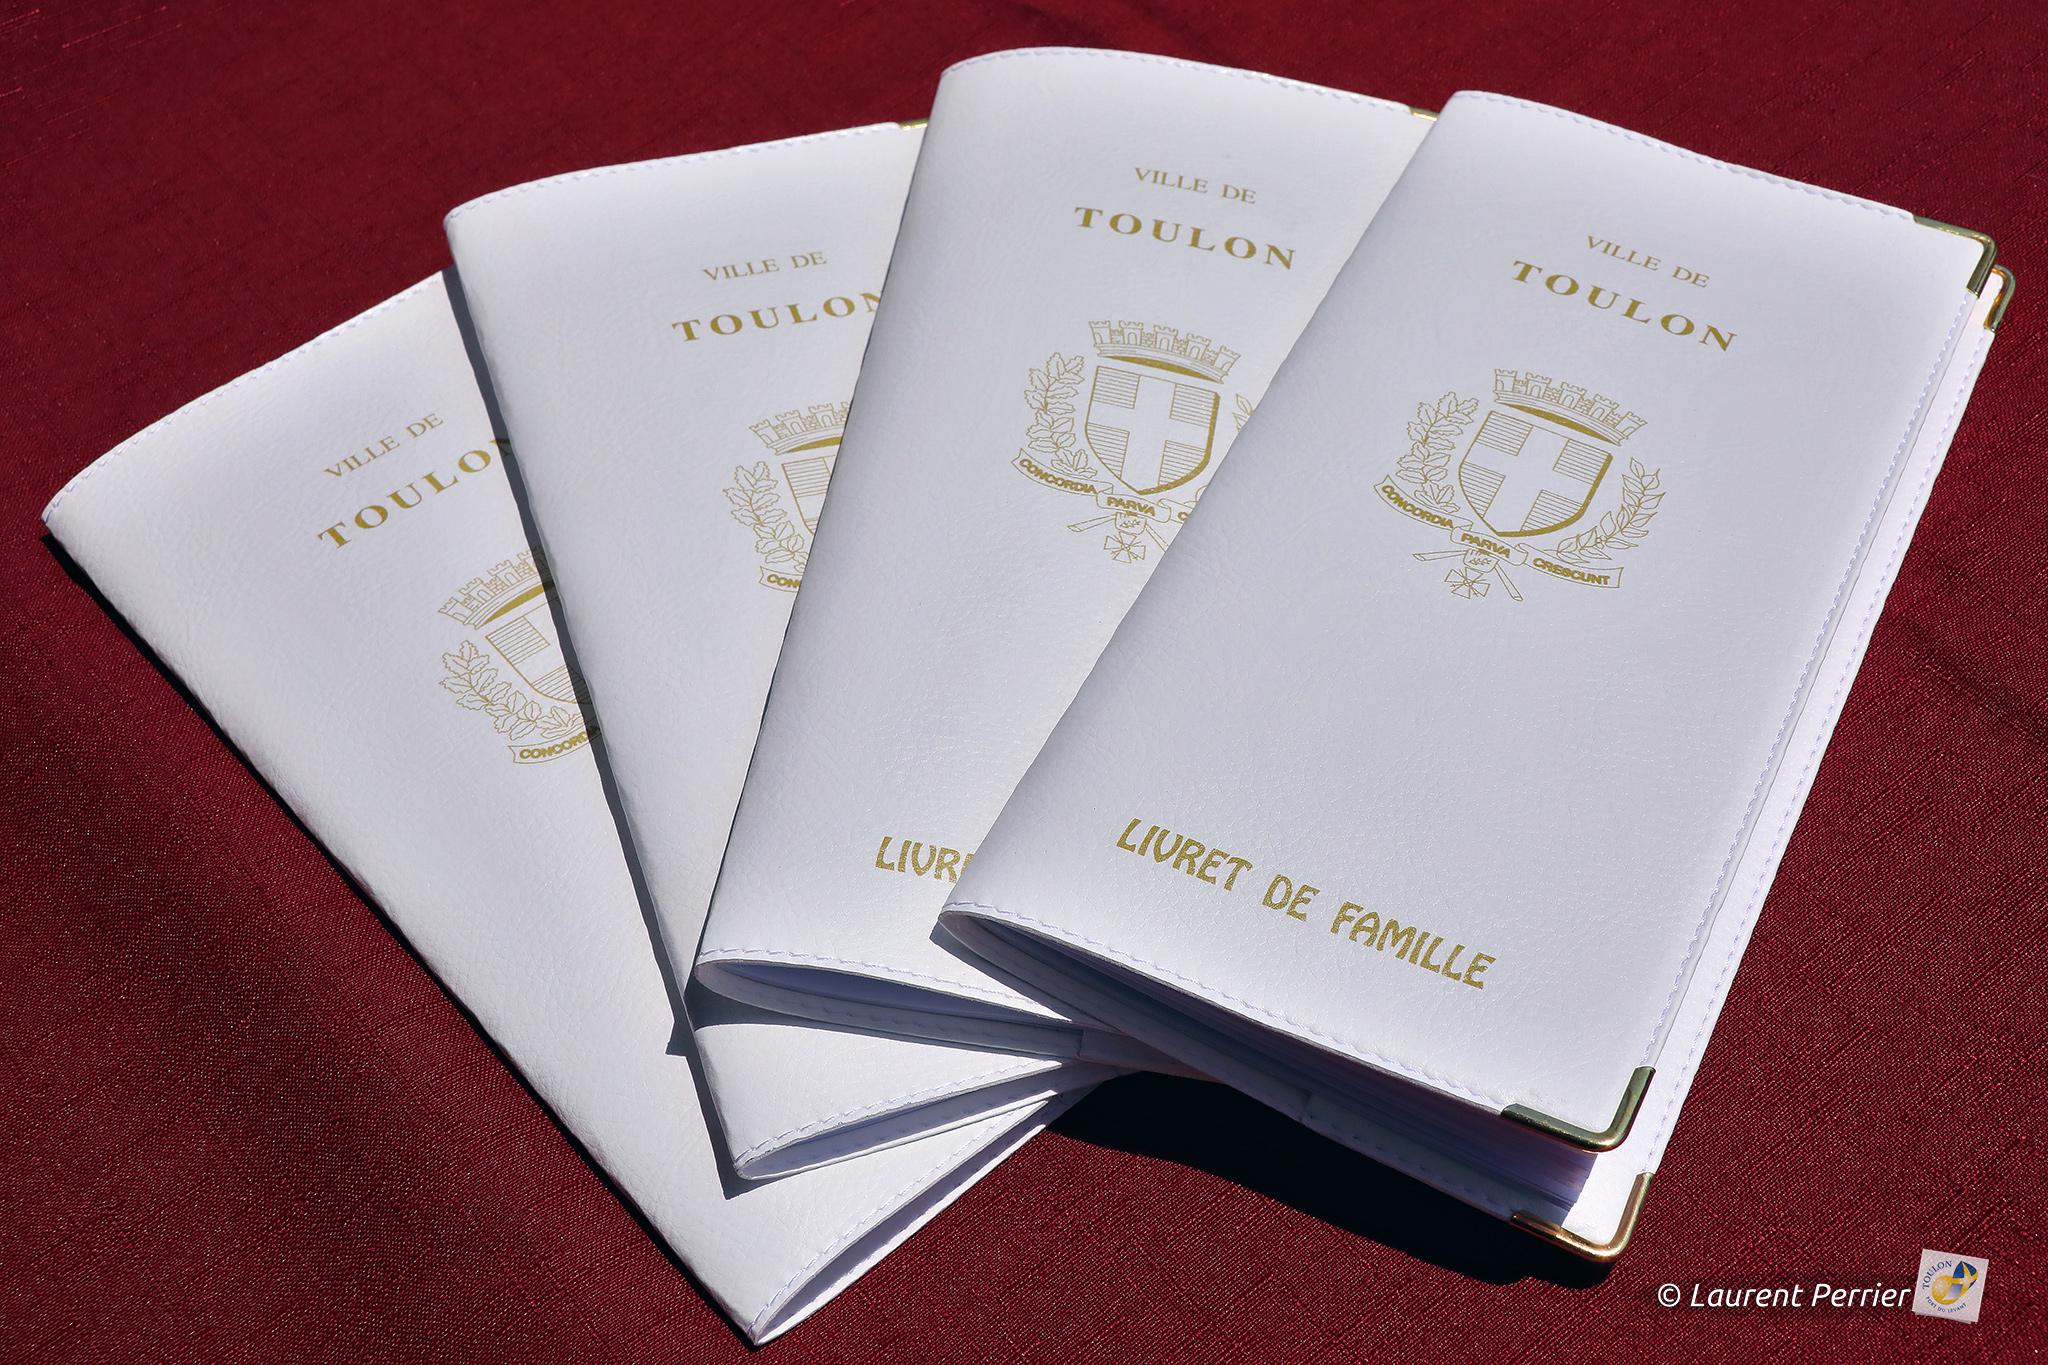 Le Livret De Famille Site Officiel De La Ville De Toulon